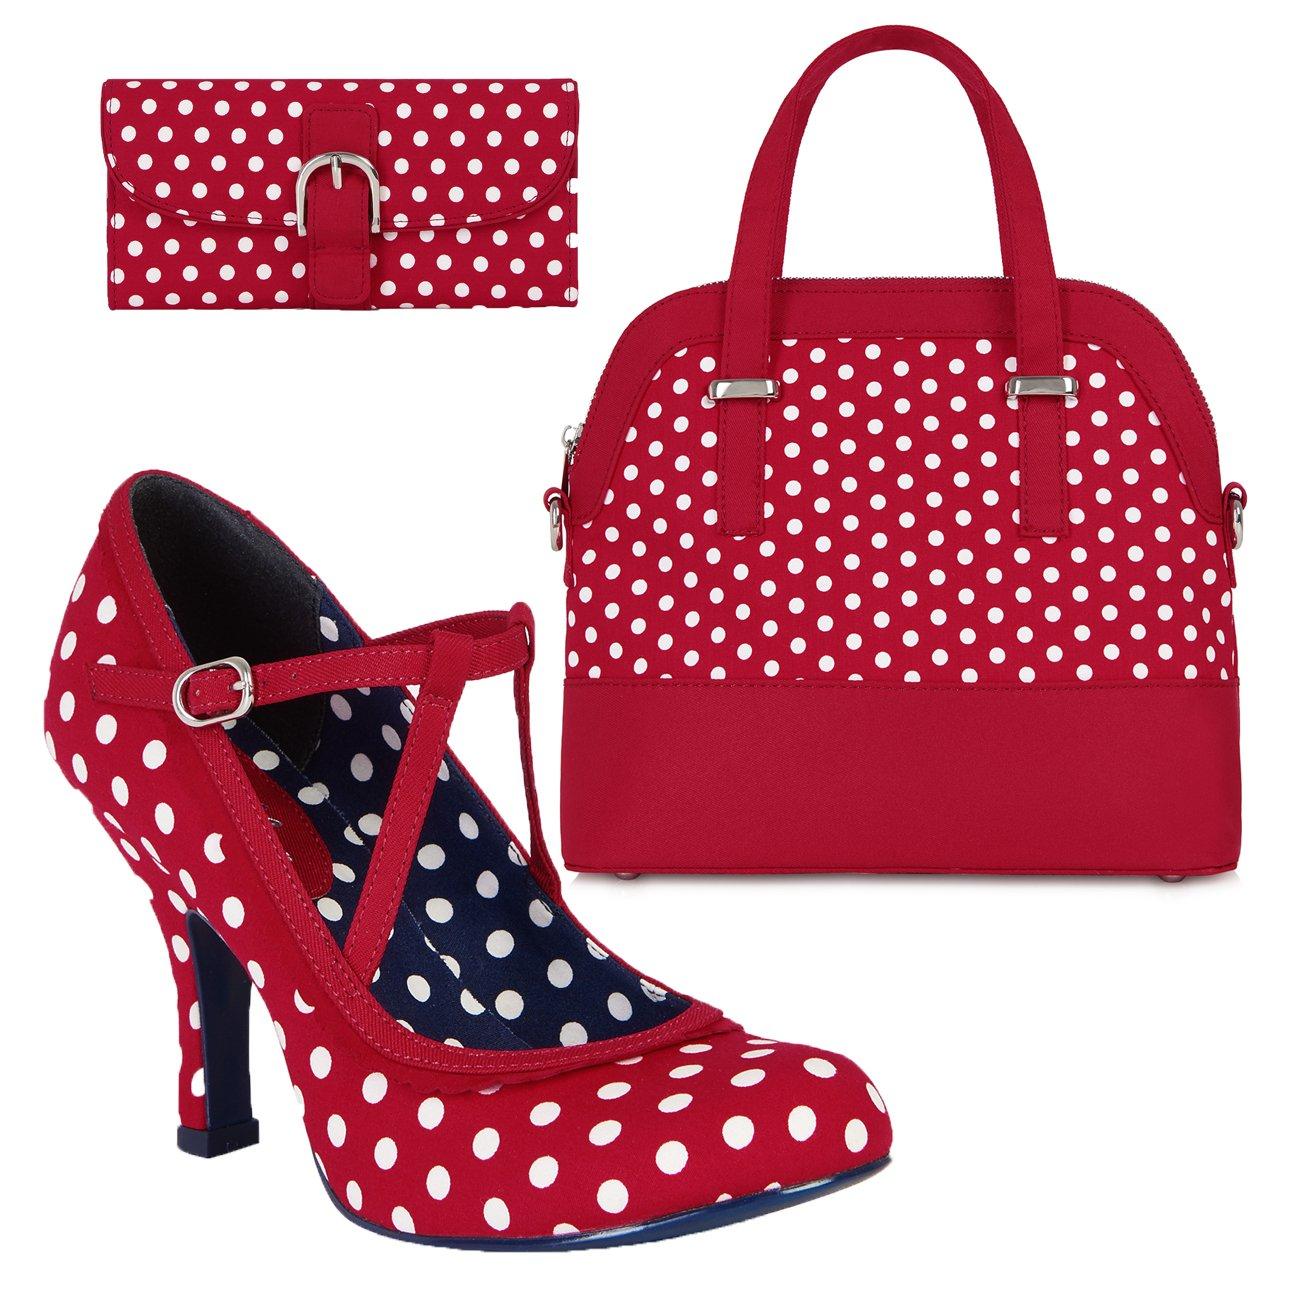 Ruby Shoo Women's Red & White Spot Jessica Mary Jane Pumps & Lima Bag & Como Purse UK 8 EU 41